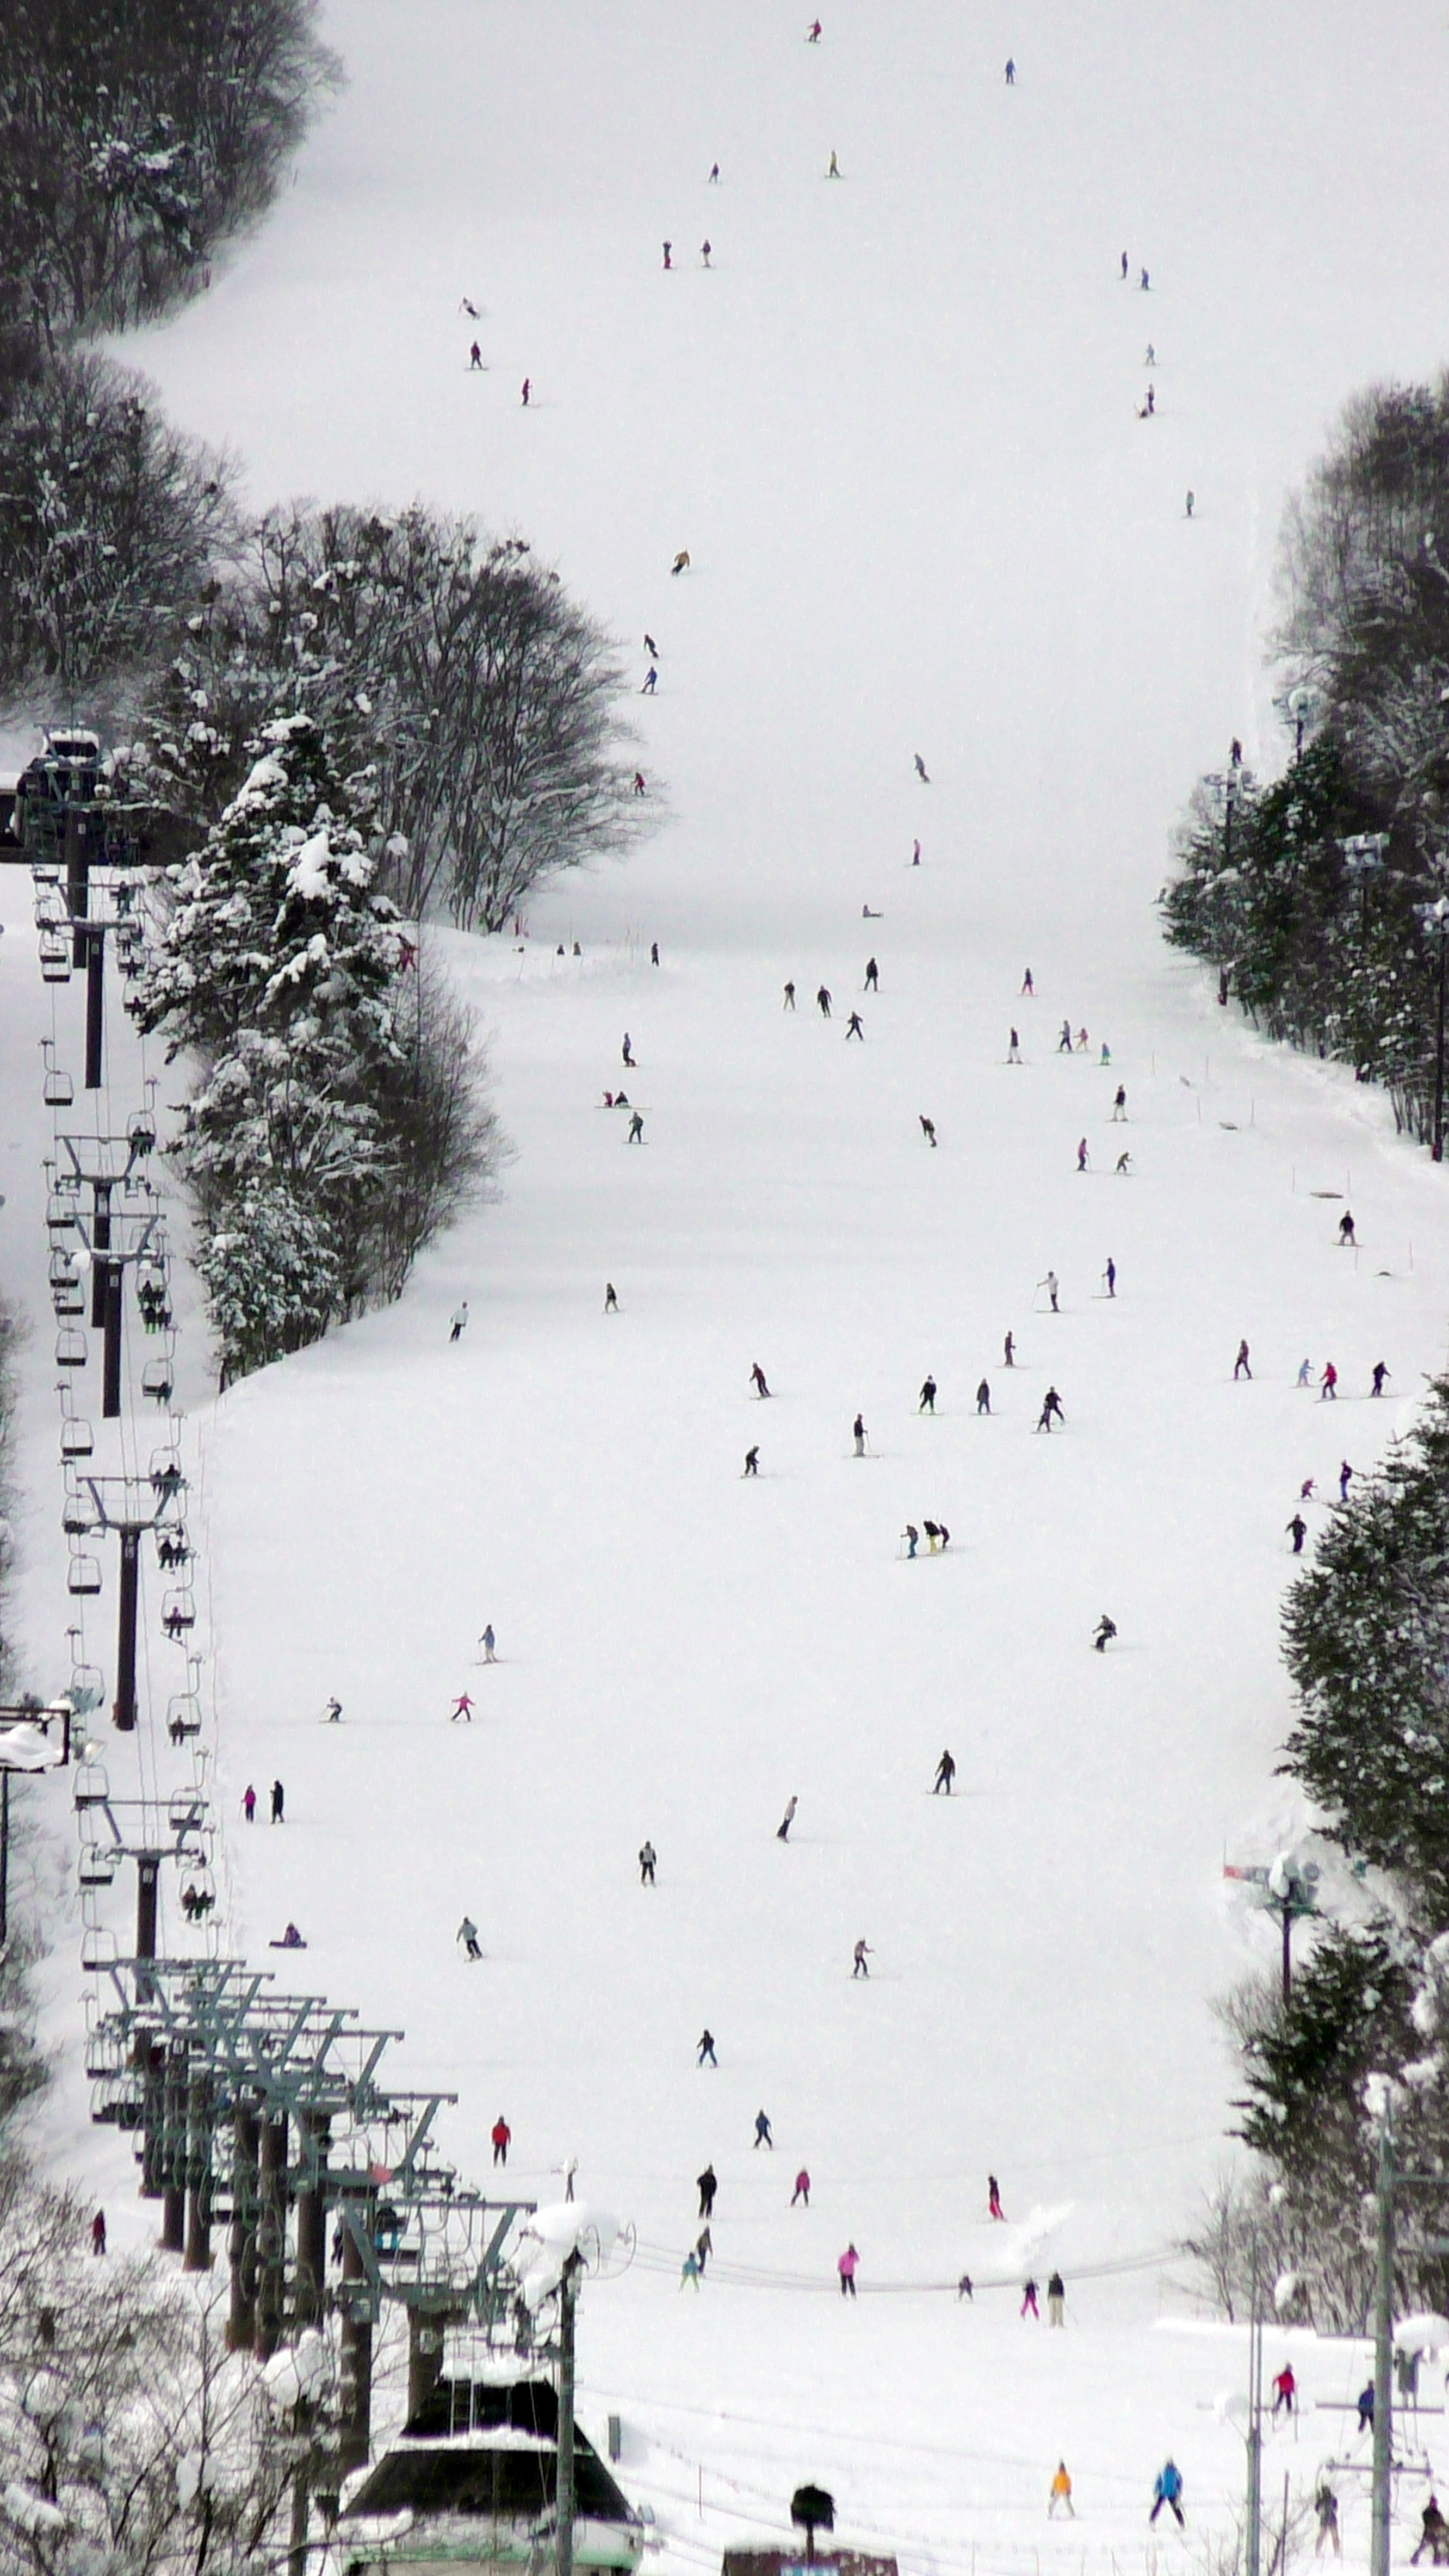 スキー場2017.1.22.様子S1450002